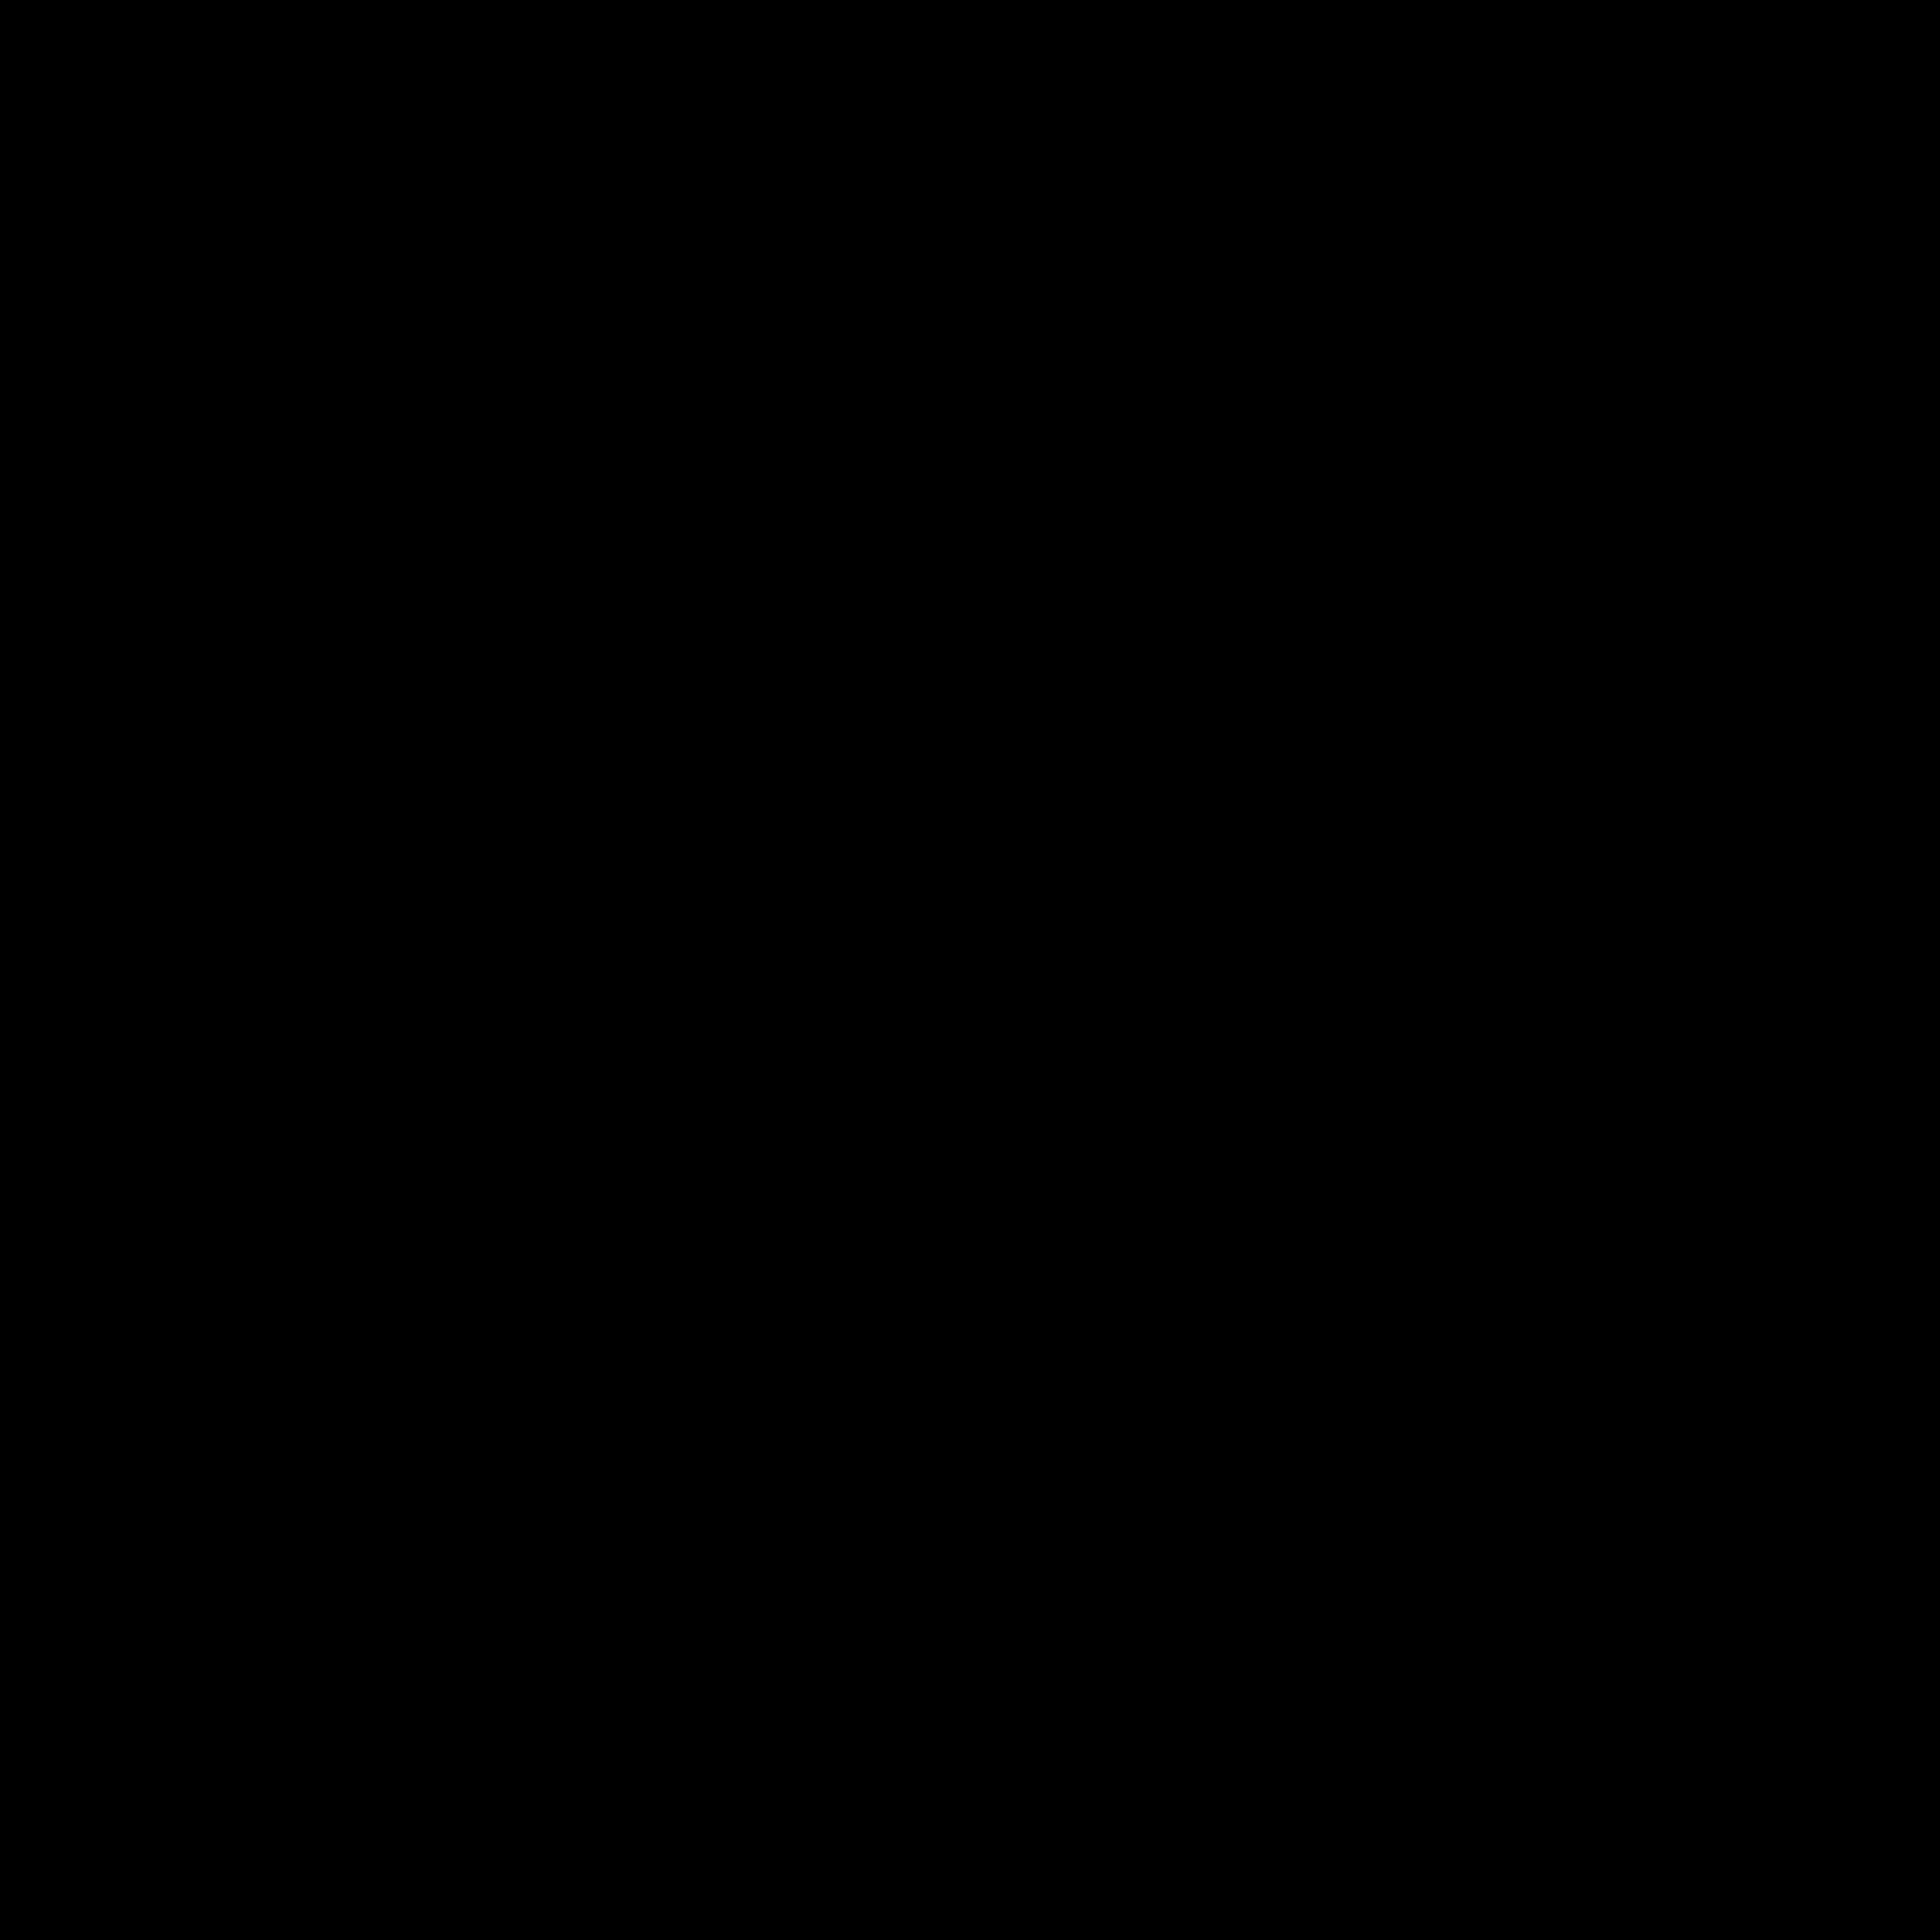 Buffalo (icon)